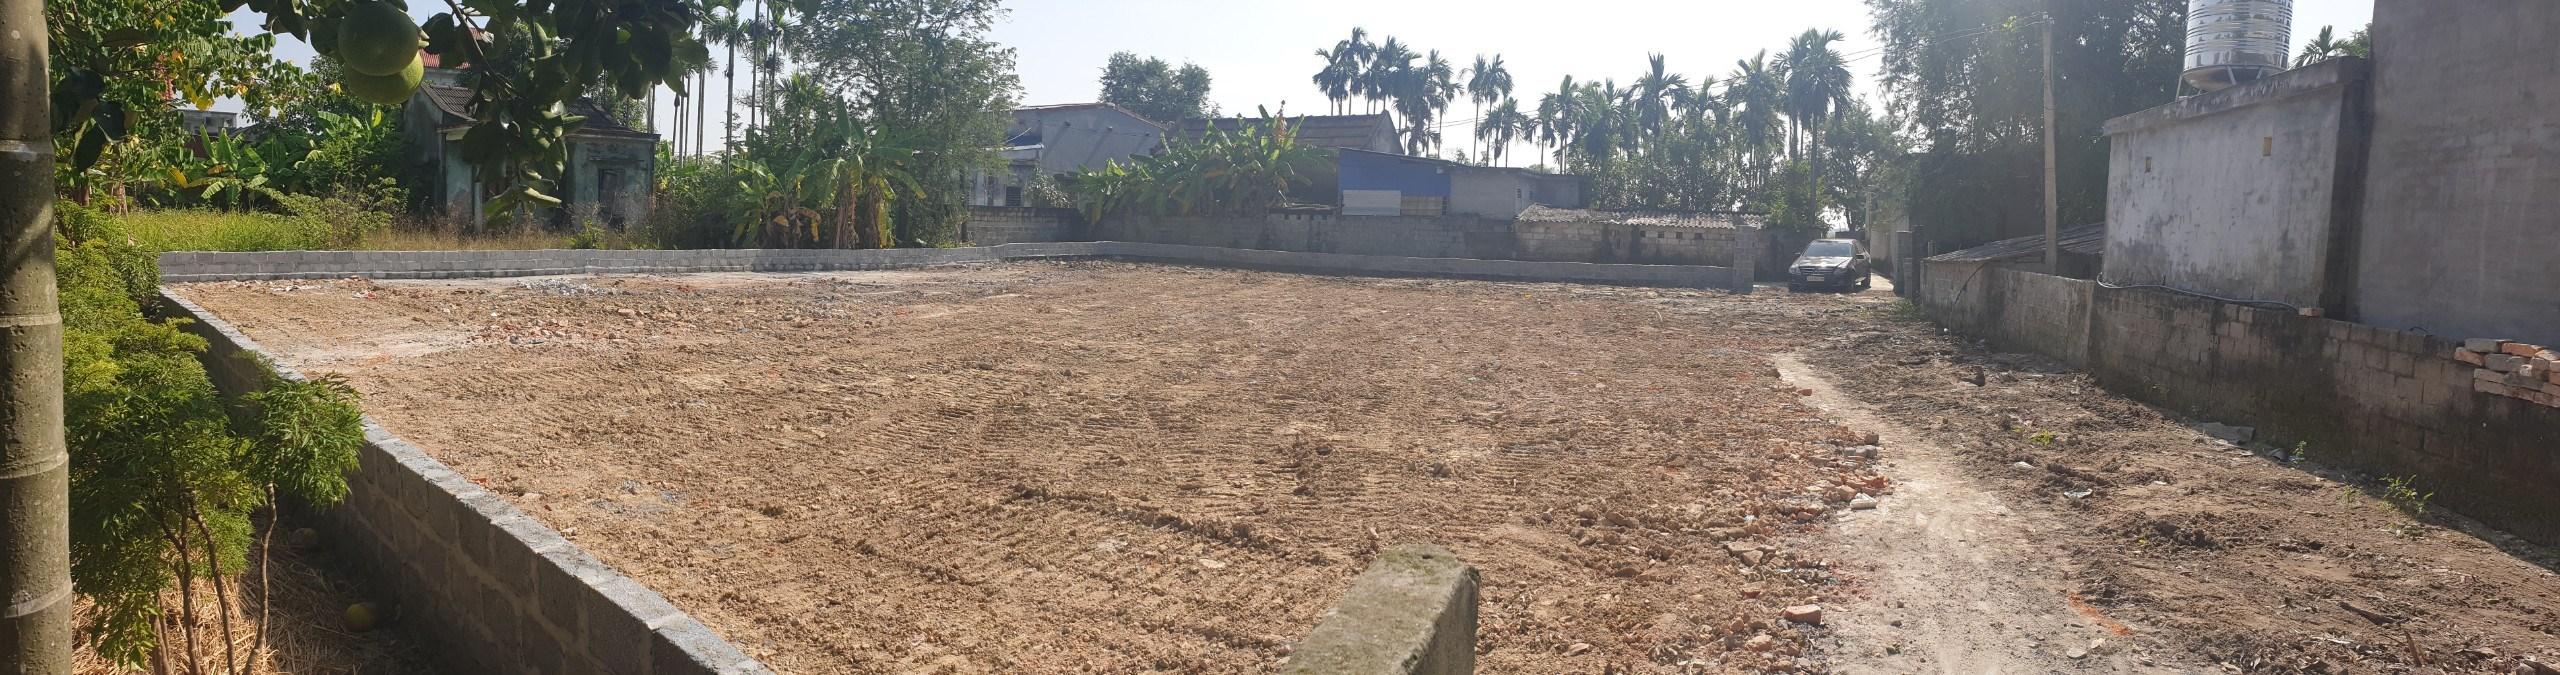 Bán lô đất đẹp 2 đầu ngõ thôn Hà Đậu, xã Hồng Phong, An Dương, SĐCC